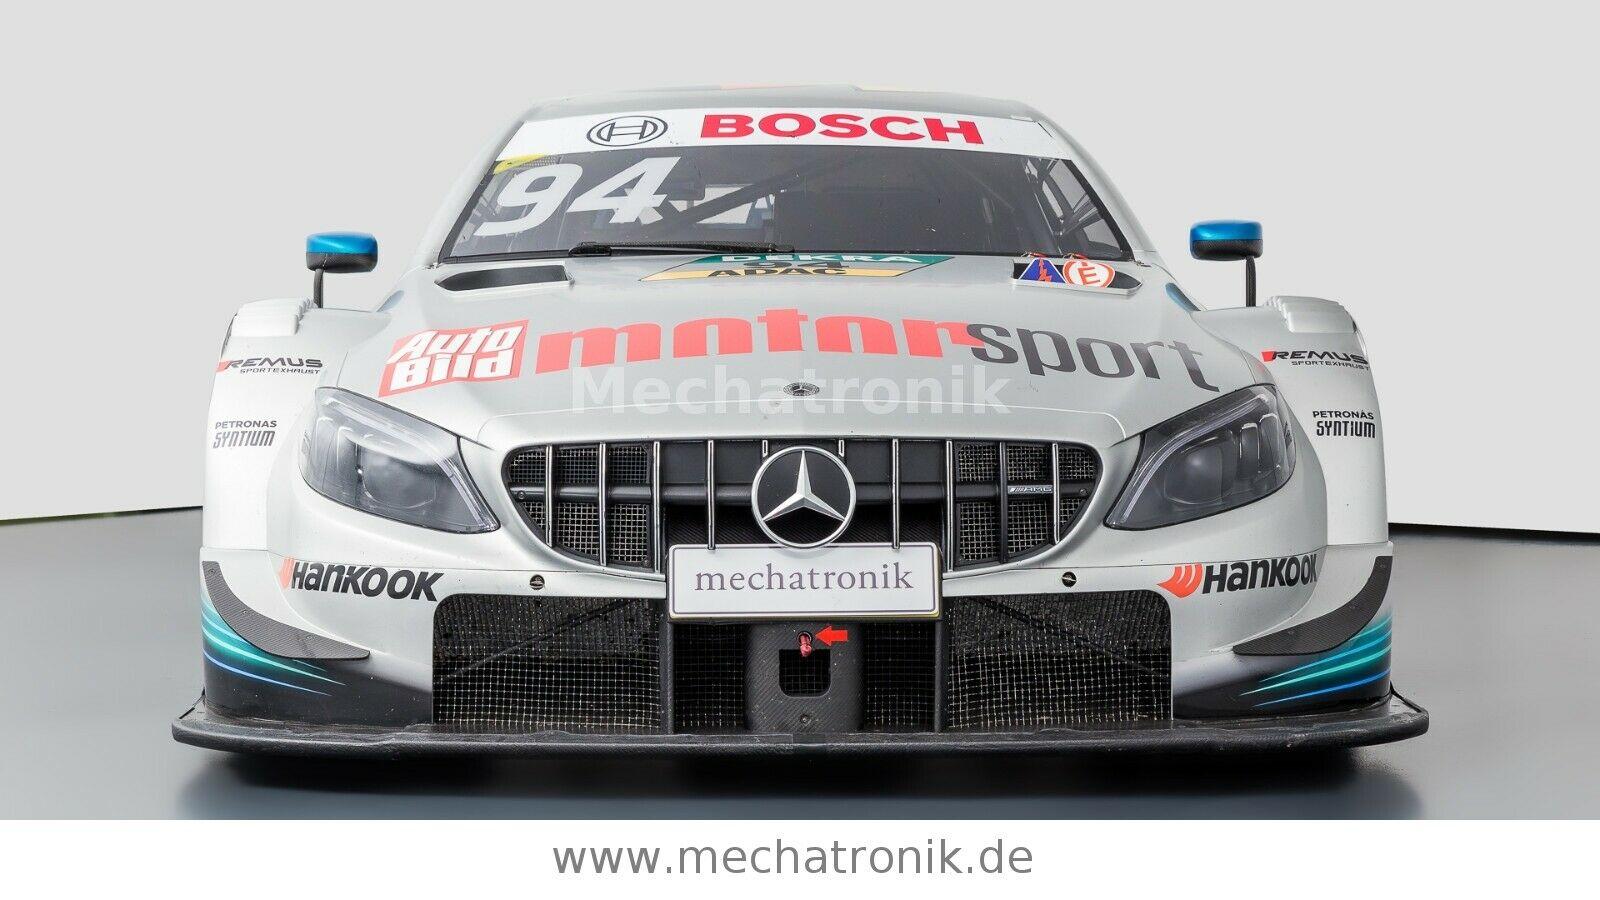 Mercedes-AMG C63 DTM front